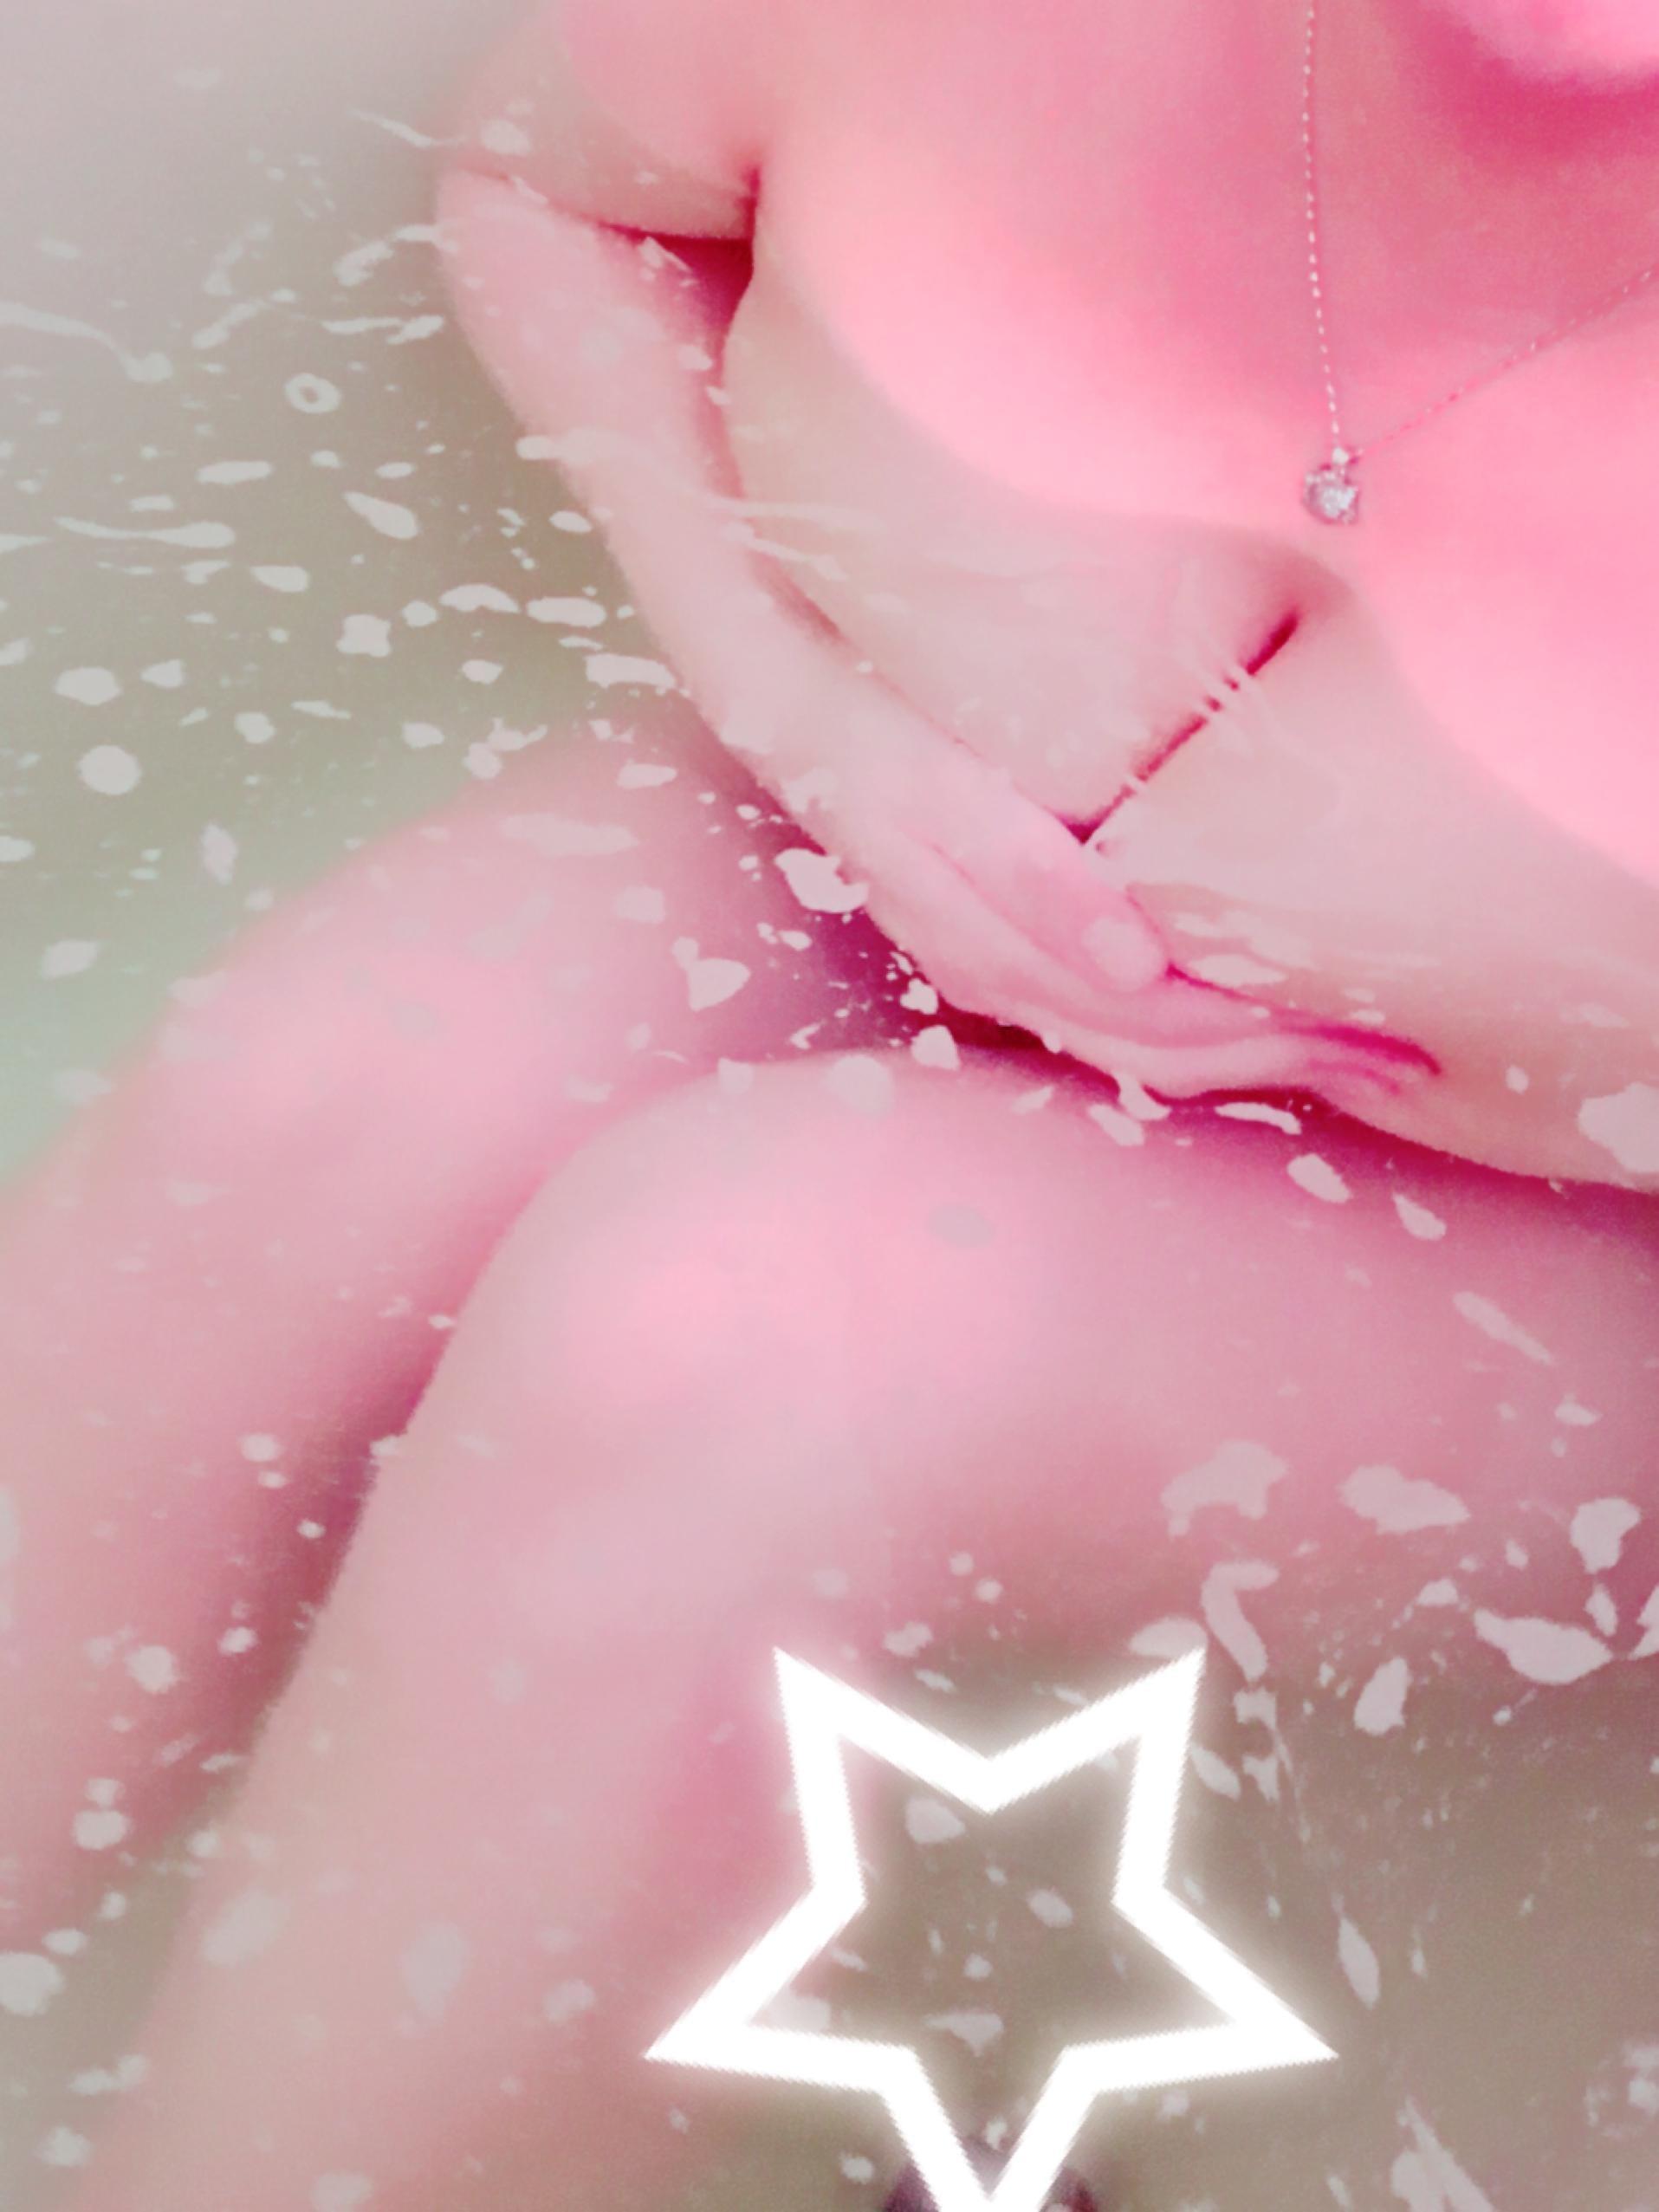 「ありがとうございました♡」06/30(06/30) 06:50 | ももか 即尺無料!!の写メ・風俗動画